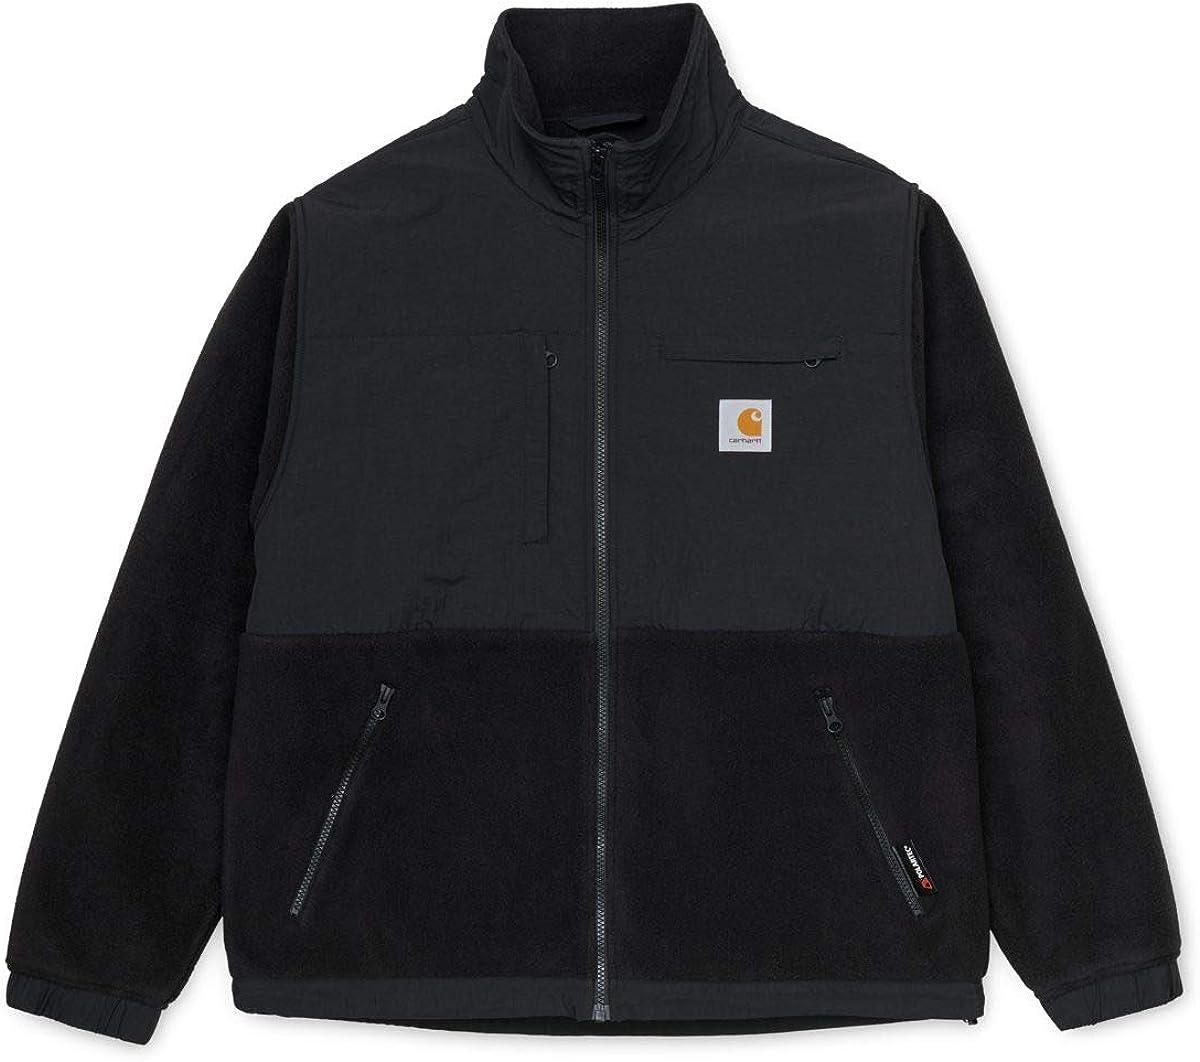 Carhartt WIP Polartec - Chaqueta de forro polar para hombre (talla S), color negro